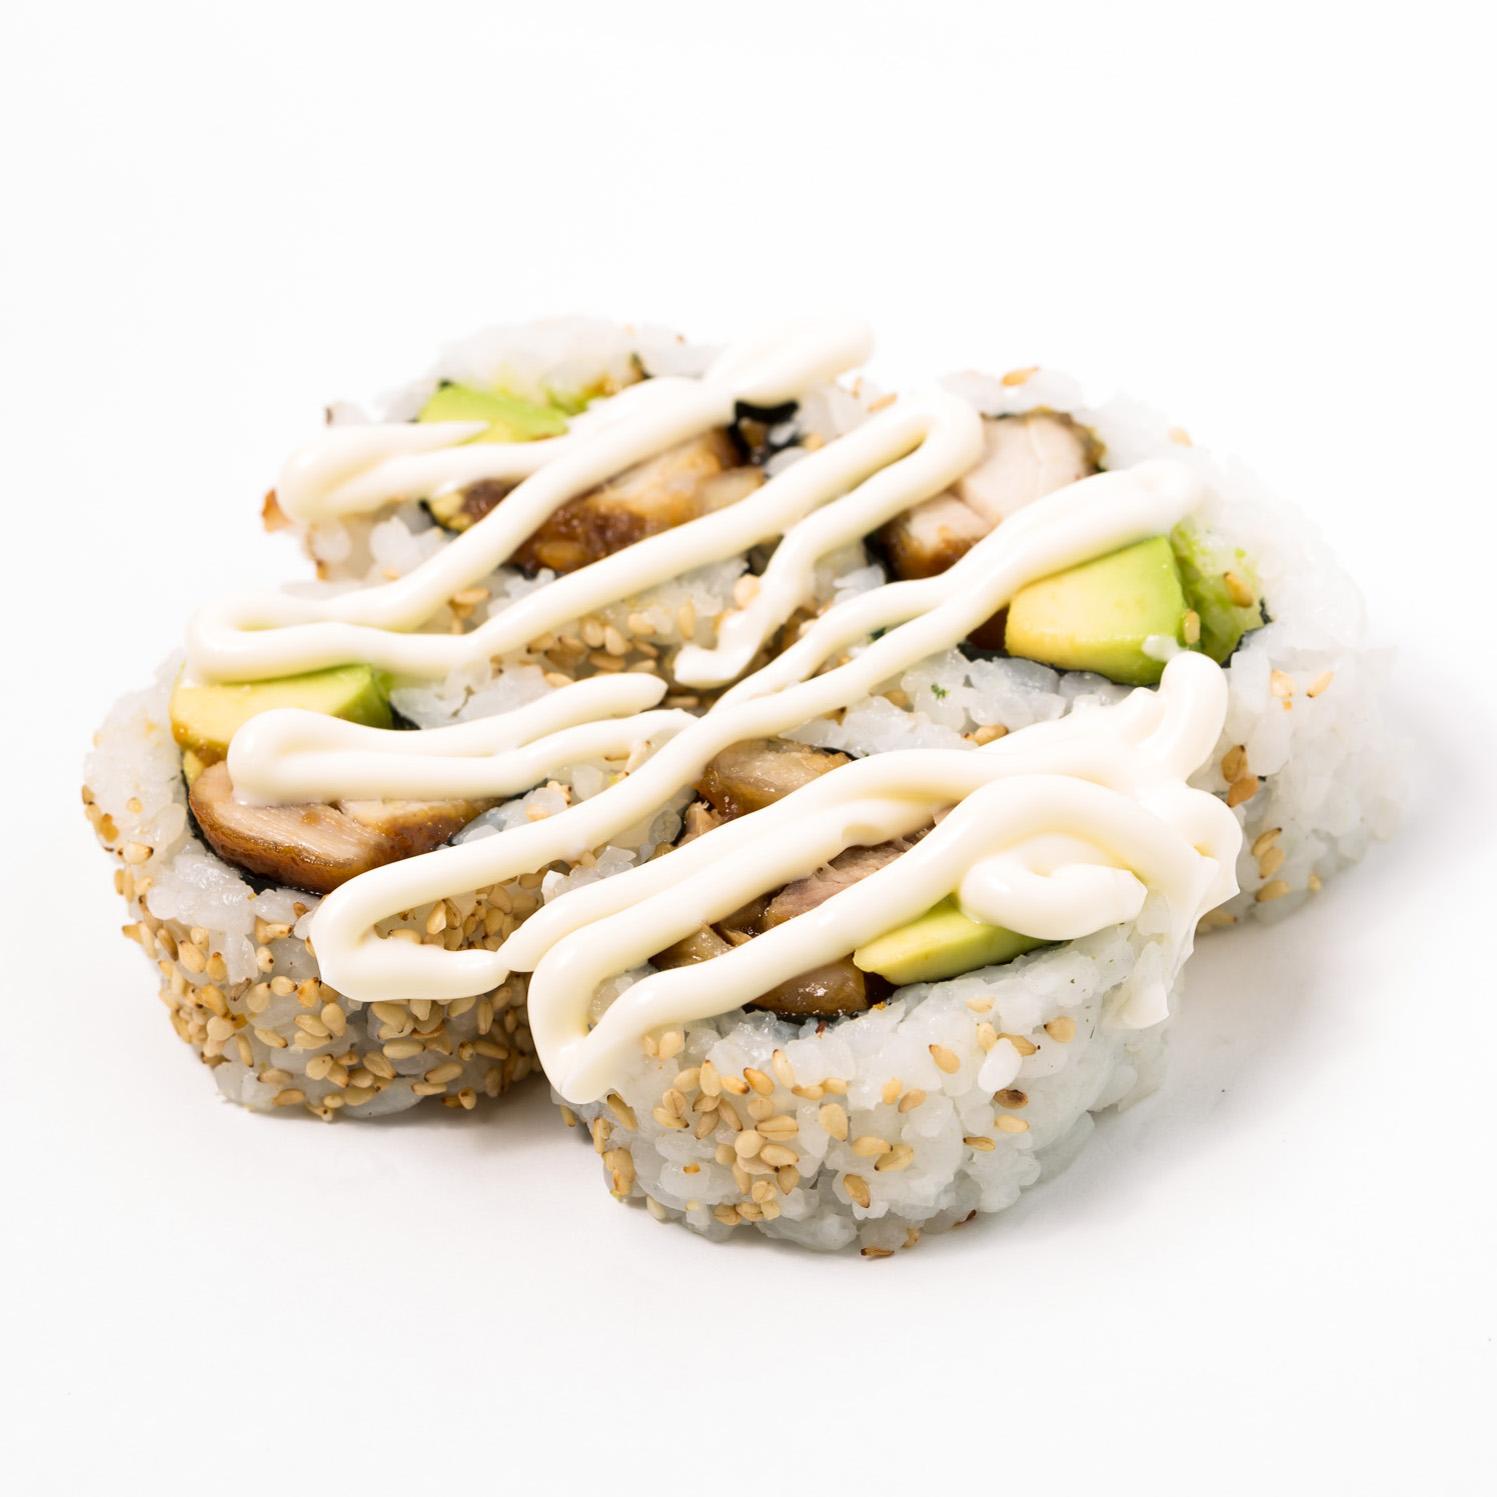 Teriyaki Chicken avocado Roll